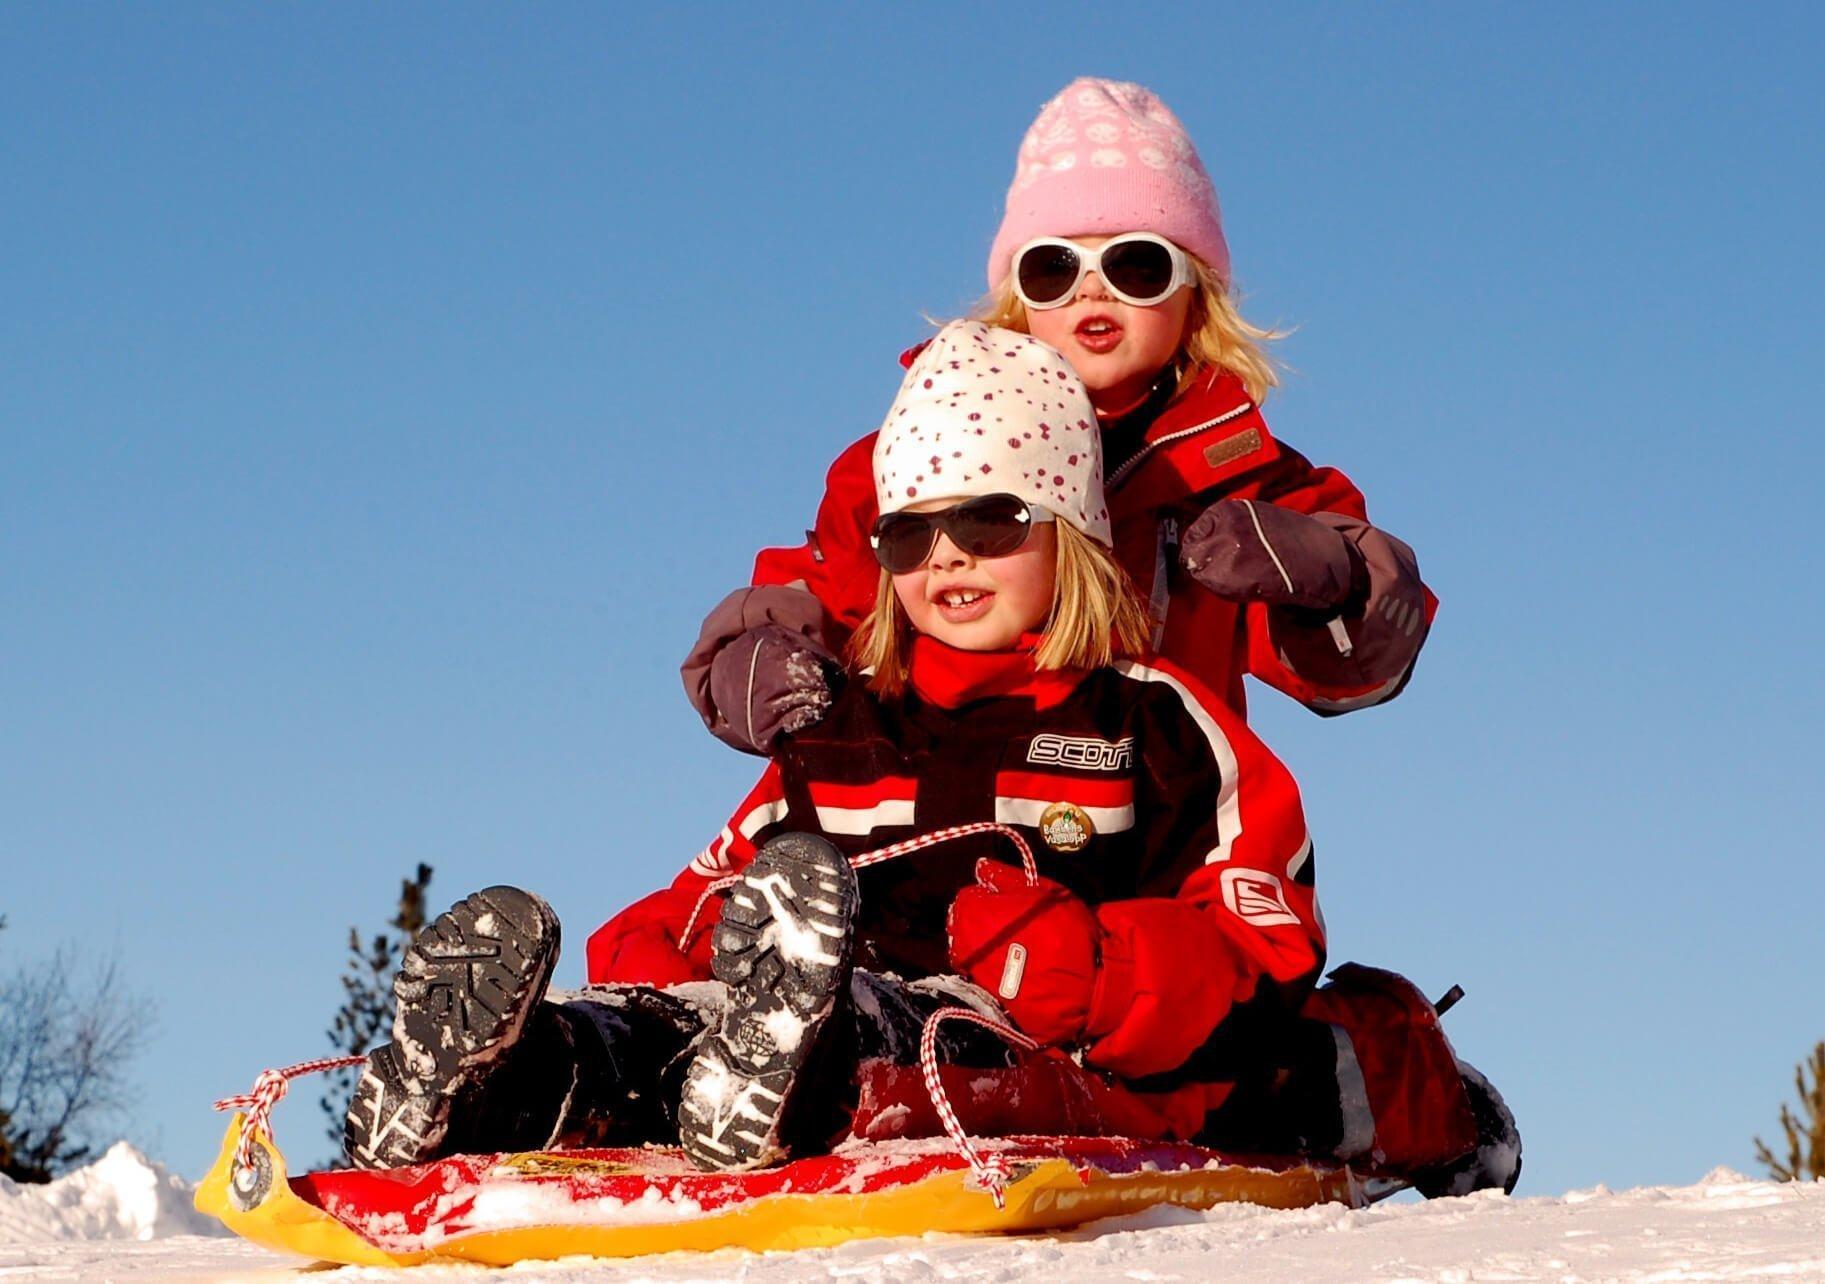 Ubezpieczenie na narty dla dziecka